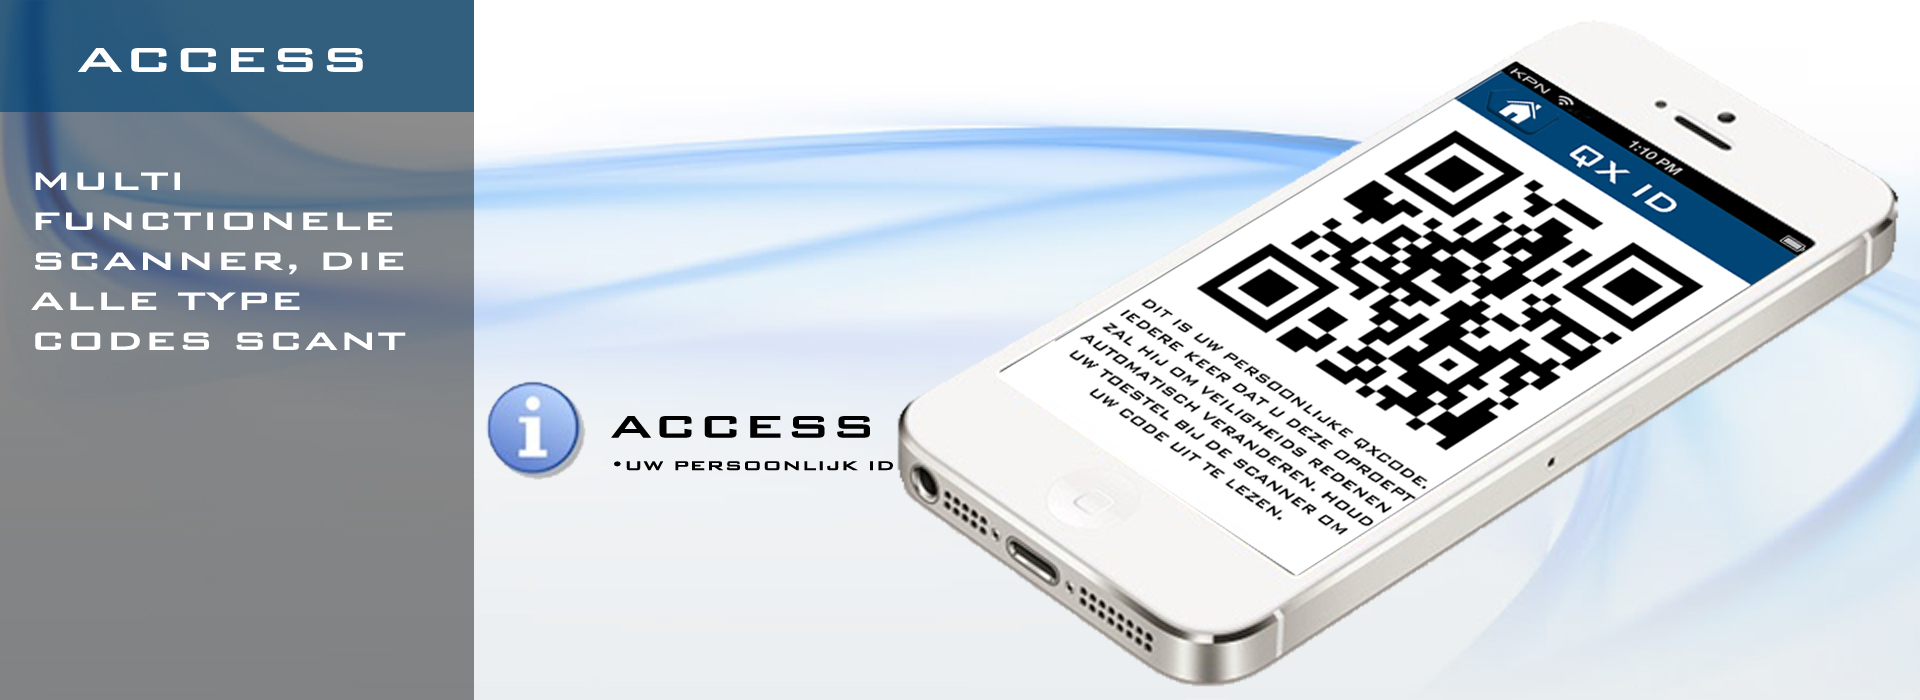 Slide PLAI 3 Access